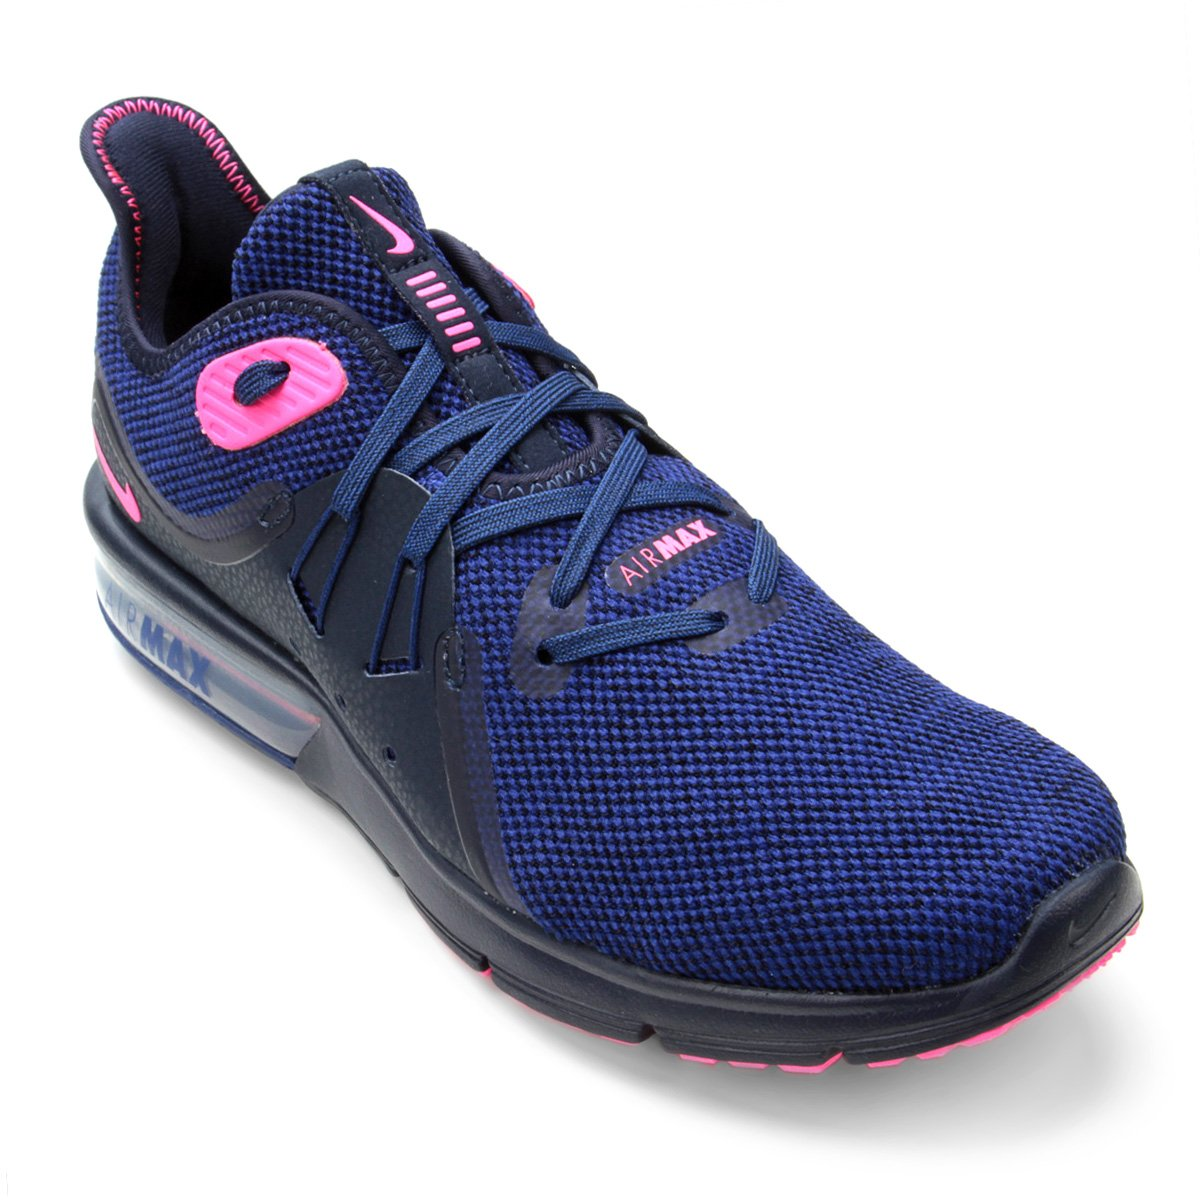 Tênis Nike Air Max Fury Sequent 3 Feminino Azul e Rosa